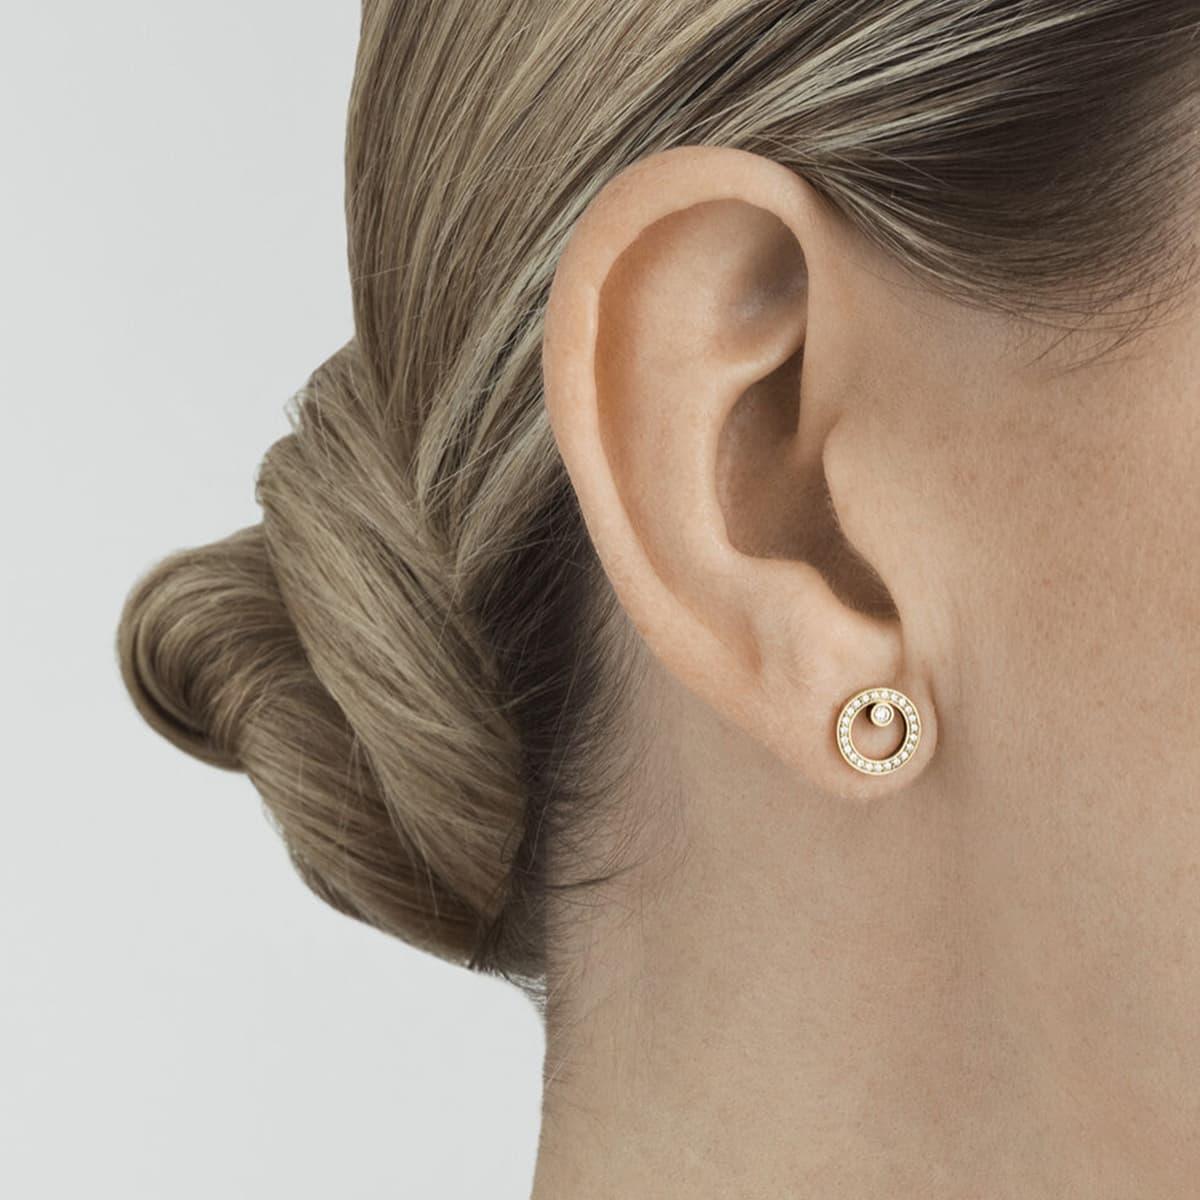 Georg Jensen Halo Stud Earrings